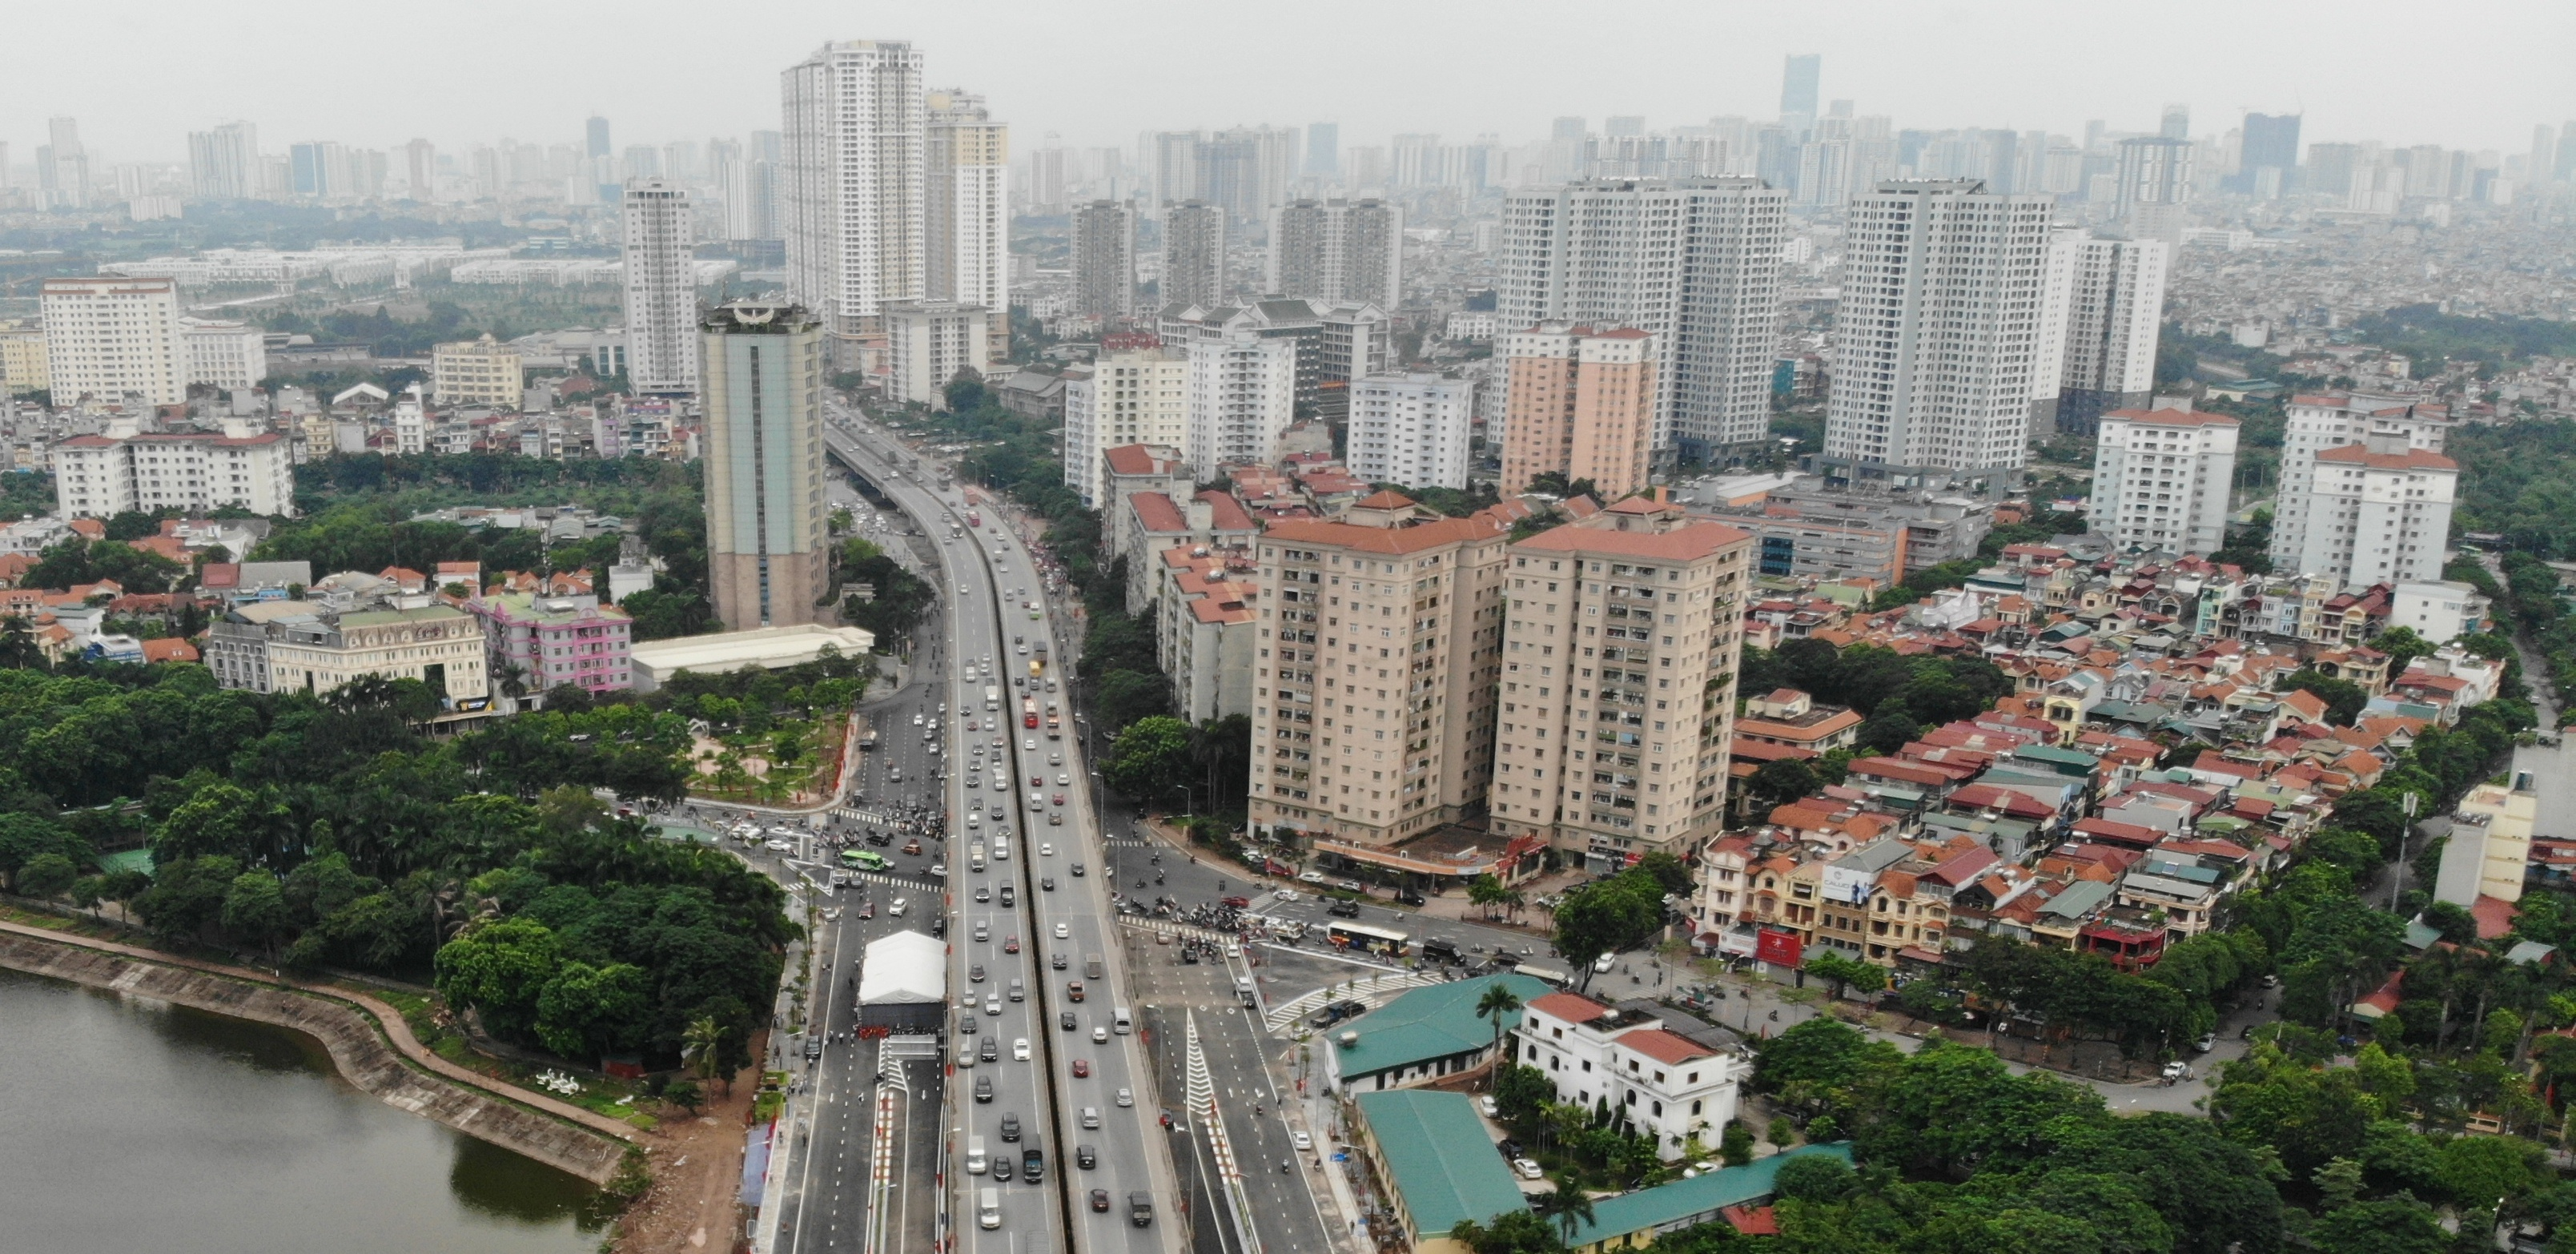 Loạt dự án cao cấp giá 40-95 triệu đồng/m2 sắp bàn giao ở Hà Nội